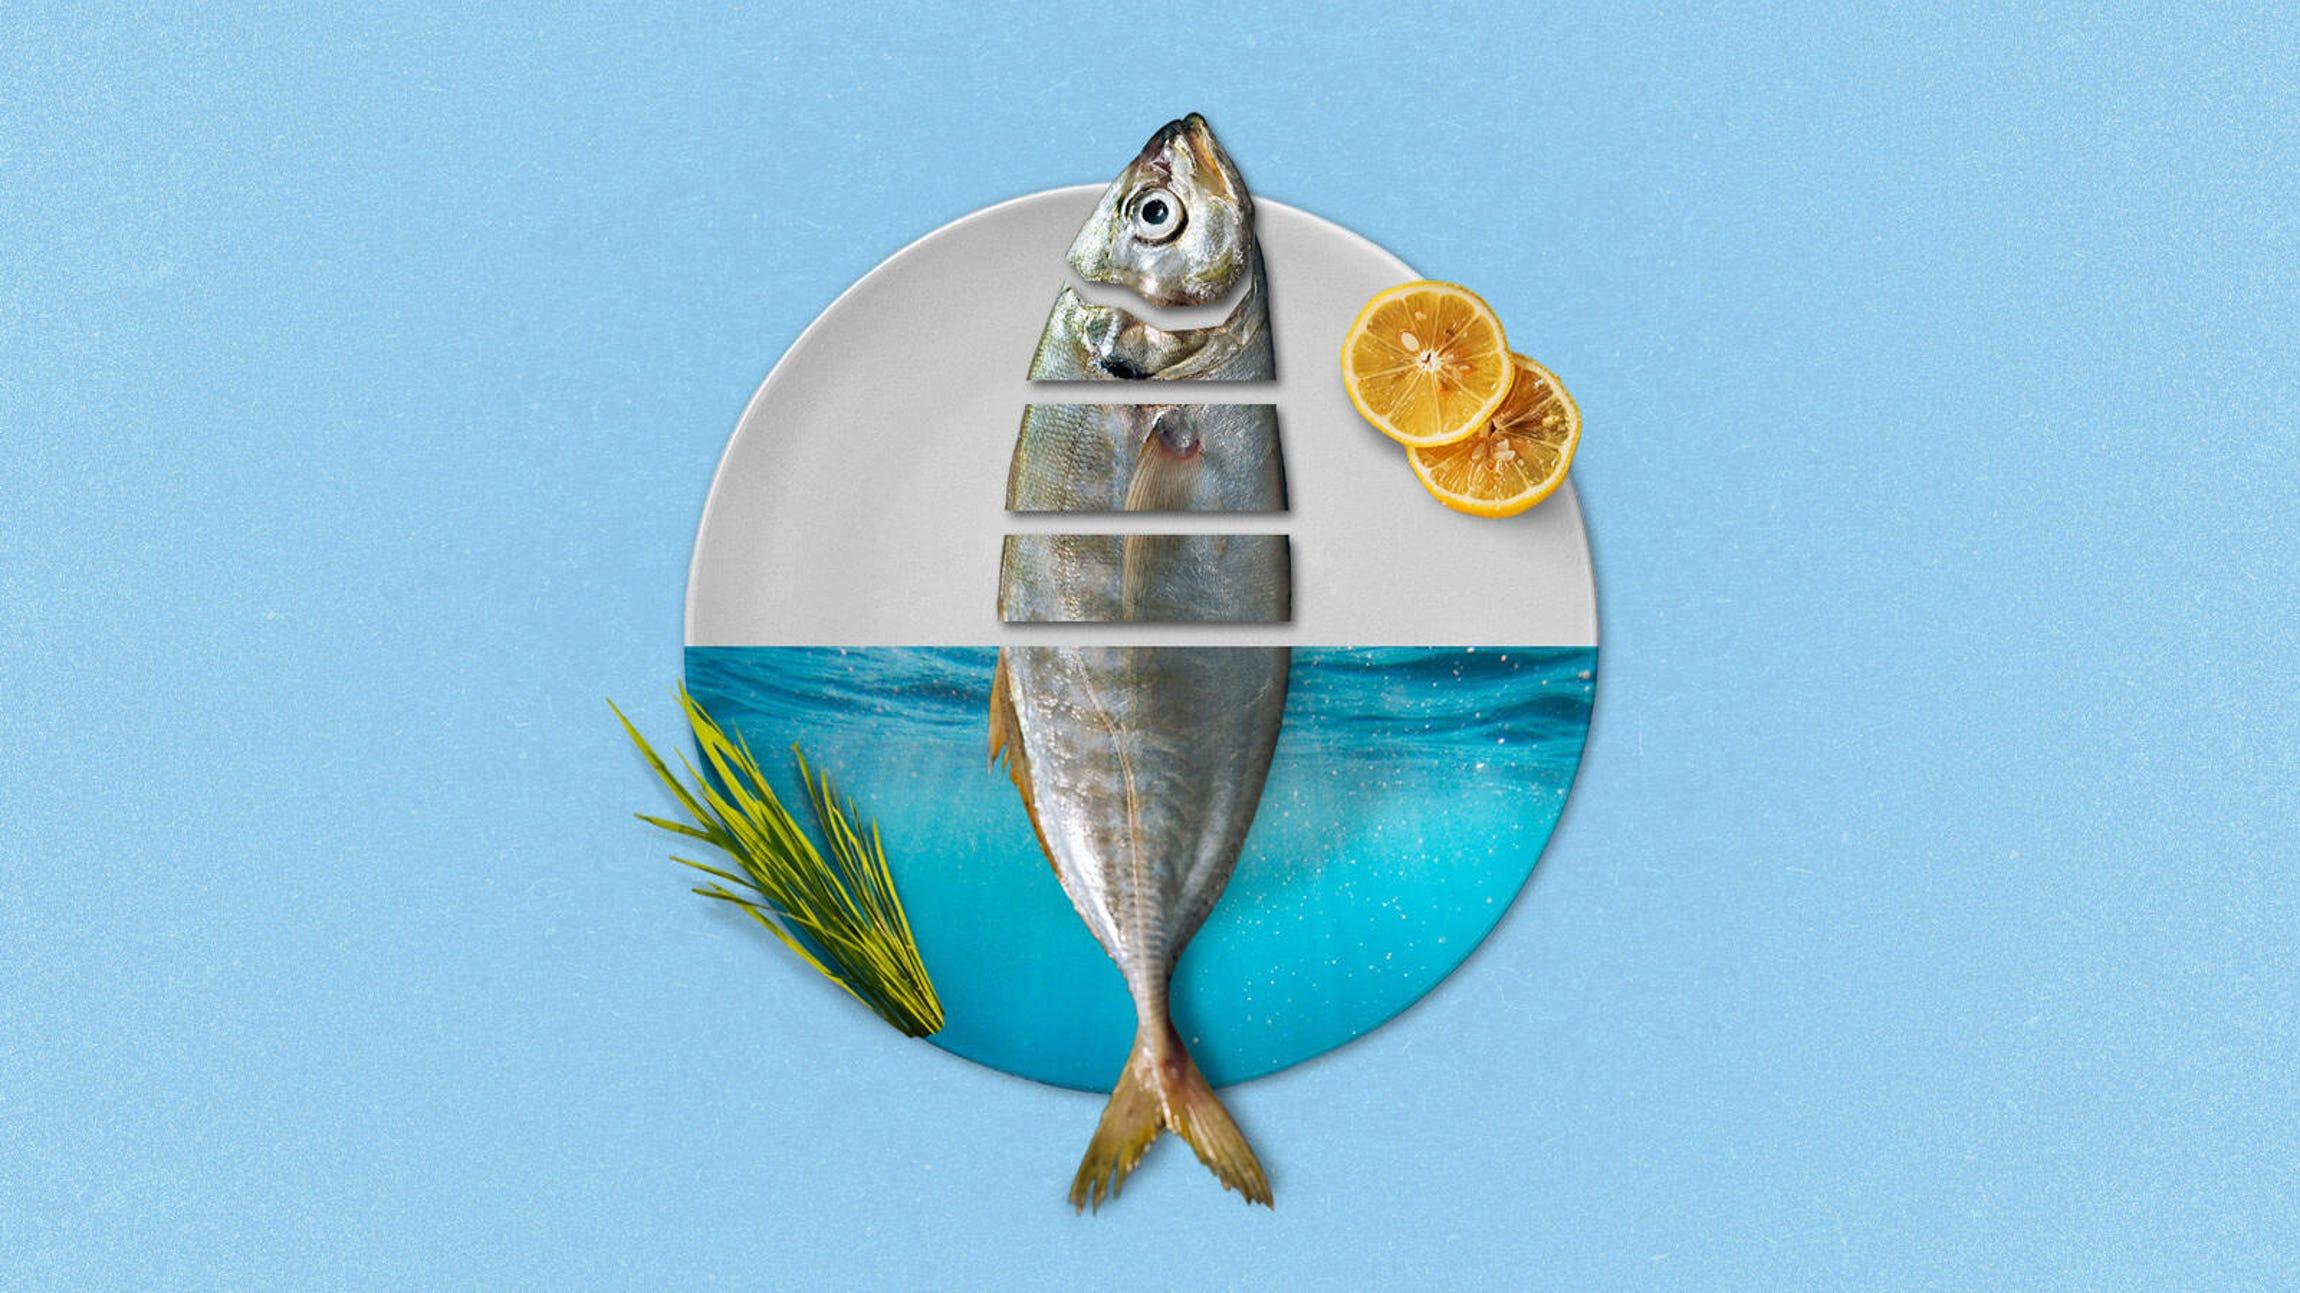 cnet-road-trip-food-story-illustration-v2